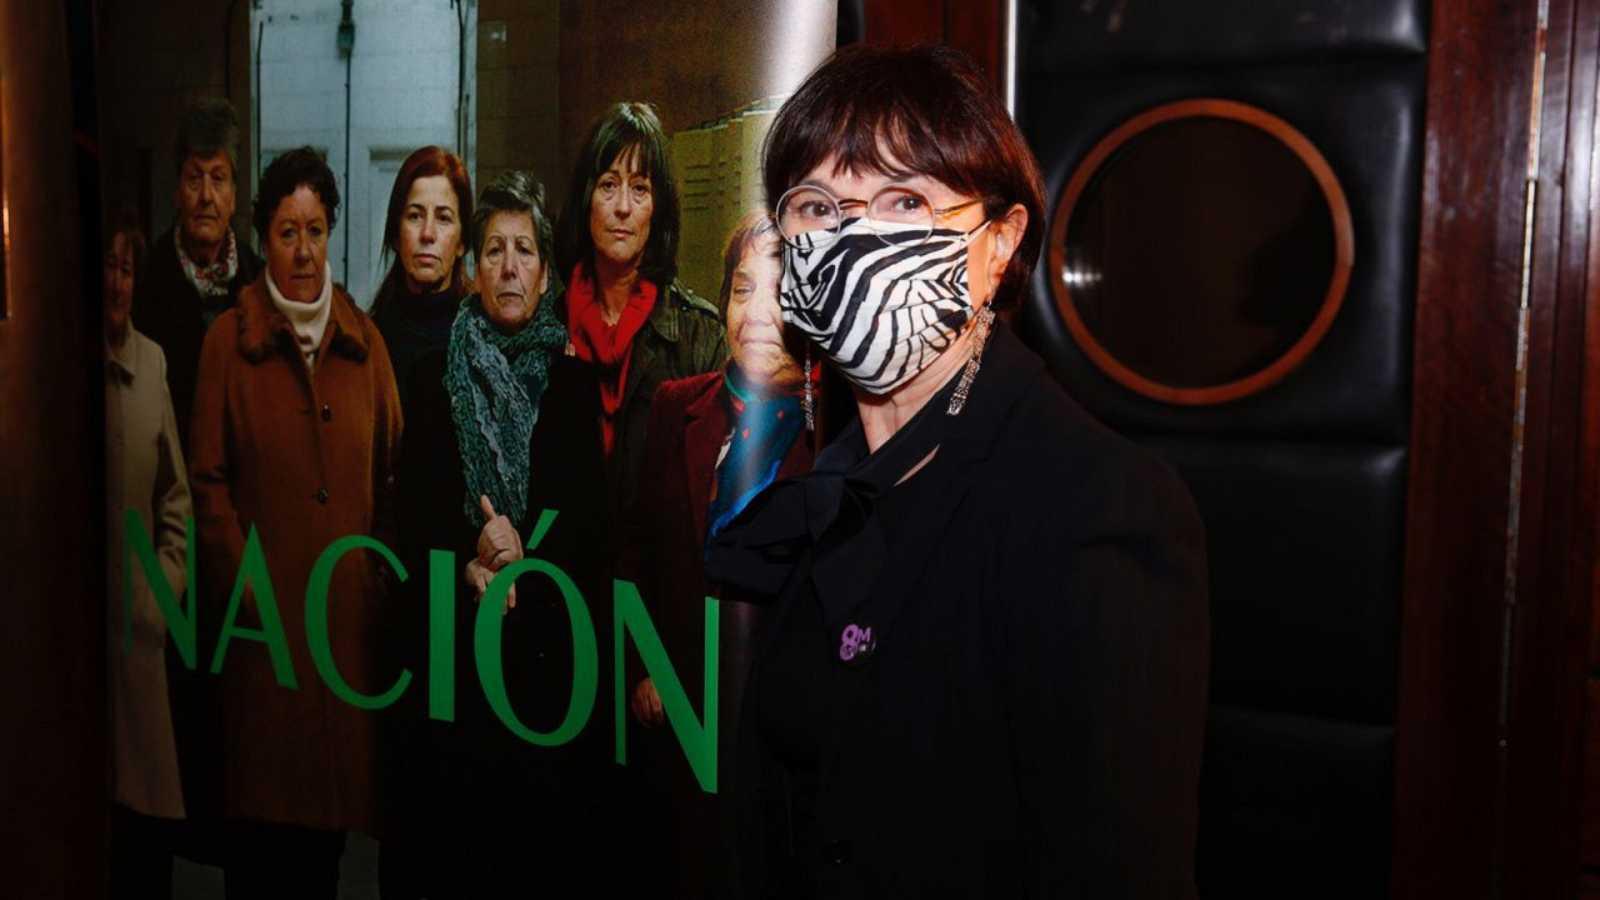 El cine que viene - 'Nación' y 'El cuerpo y la cámara' - 26/02/21 - Escuchar ahora